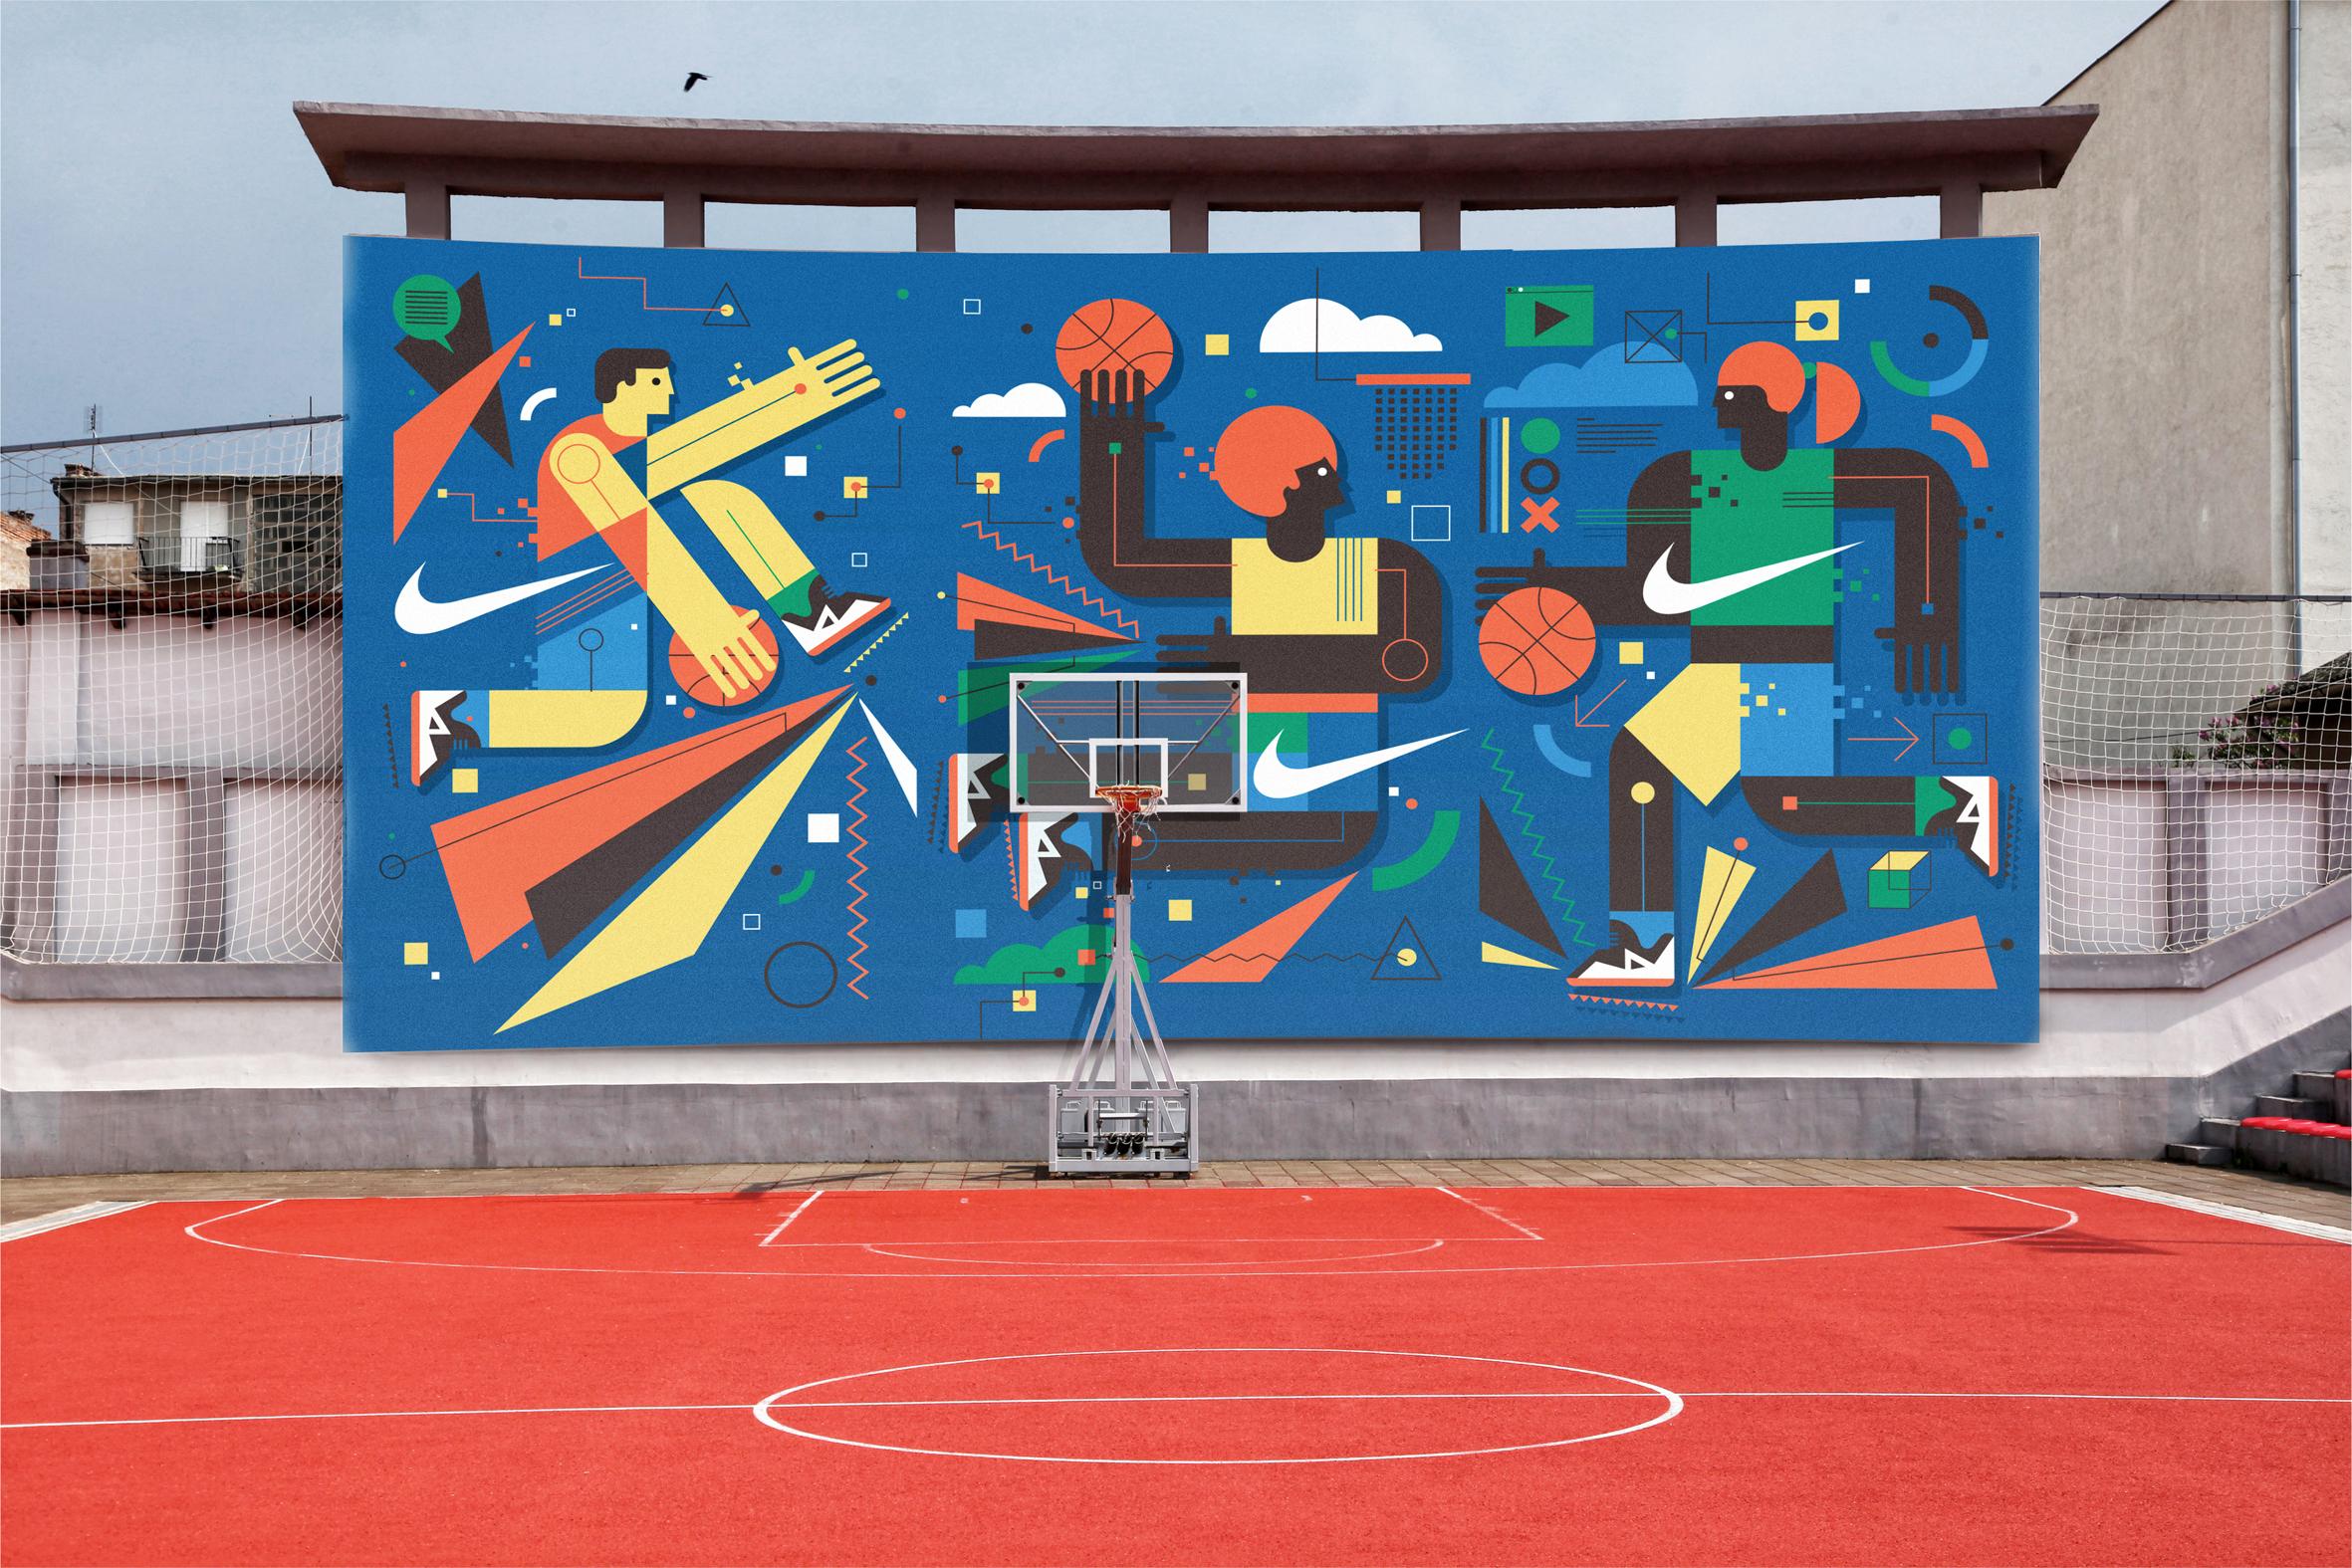 nike-basketball-wall-mural-neil-stevens-05